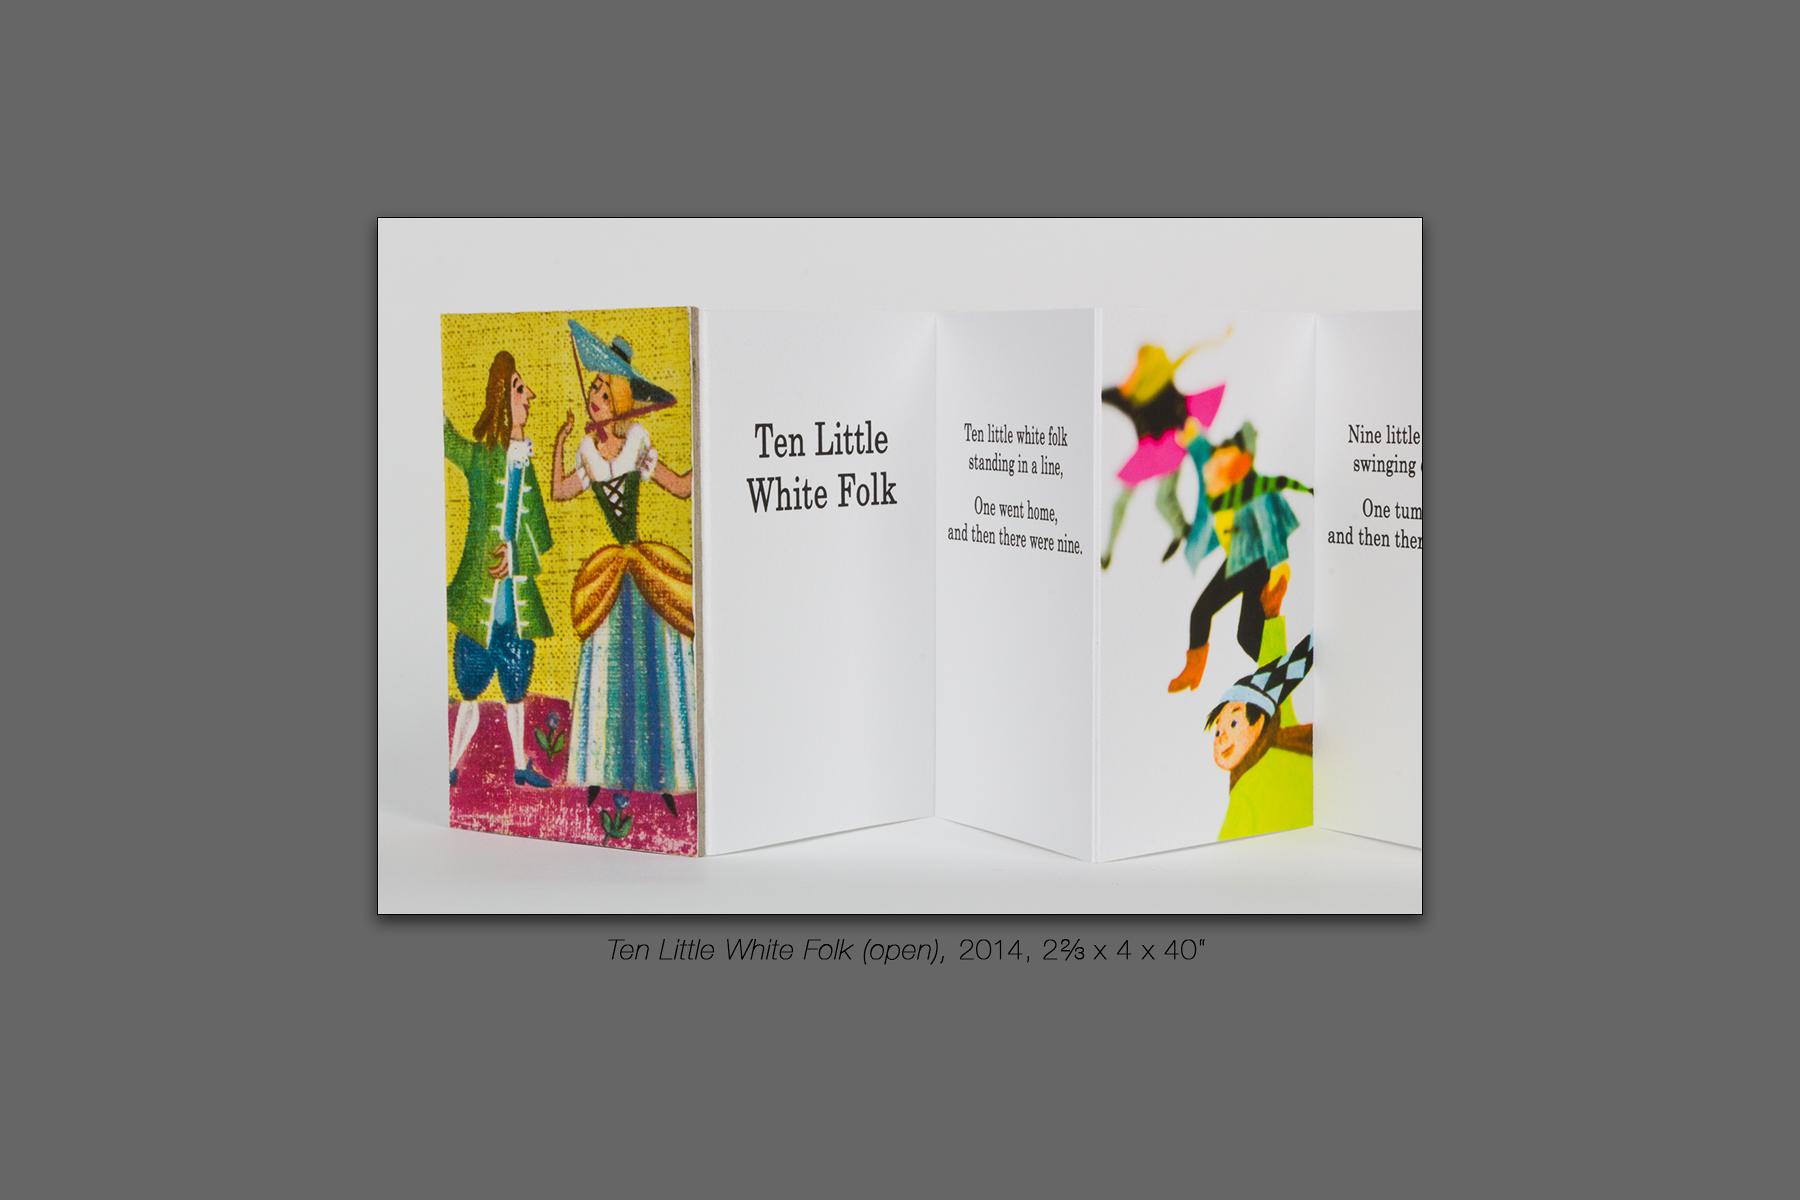 """Ten Little White Folk (open), 2014, 2⅔ x 4 x 40"""""""